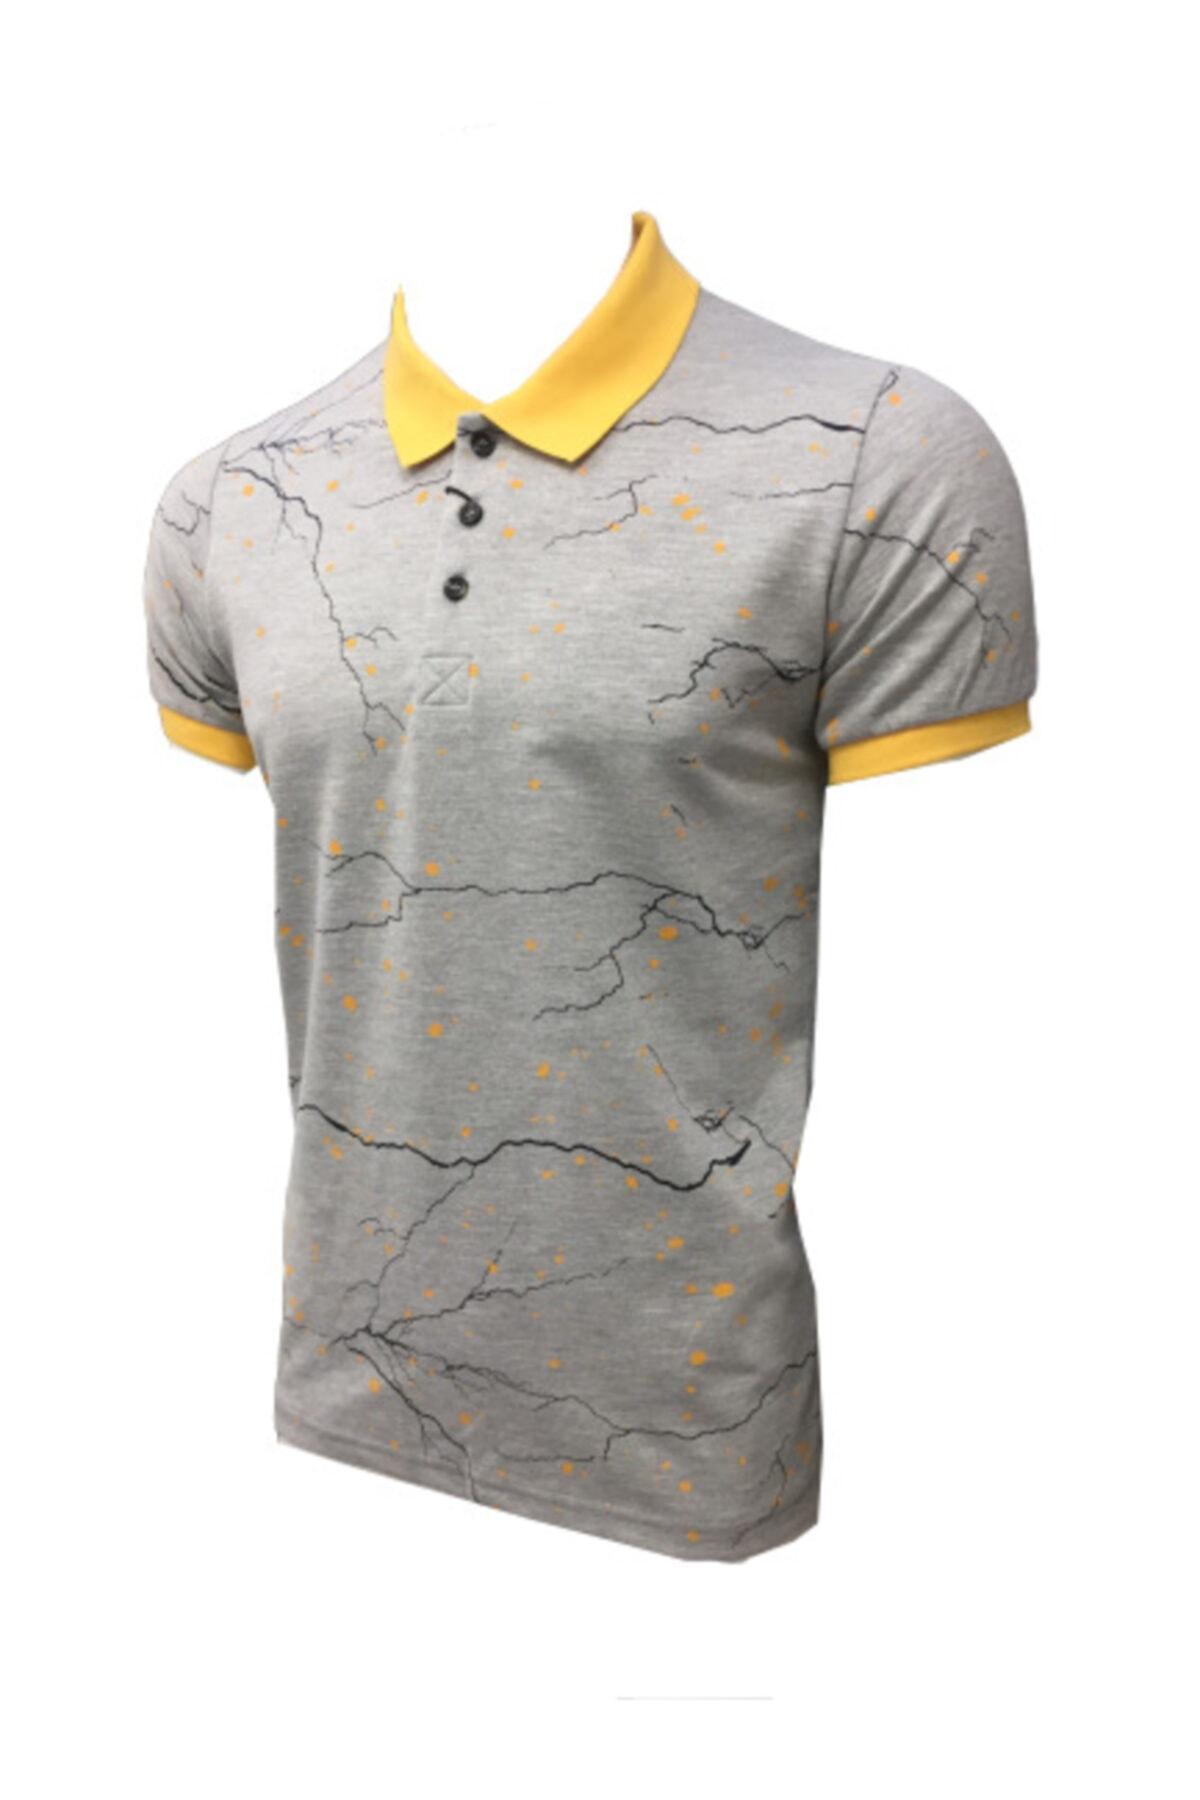 Lion Erkek Polo Yaka  T-shirt 2521 Gri Melanj Pike Dokuma Baskılı 2